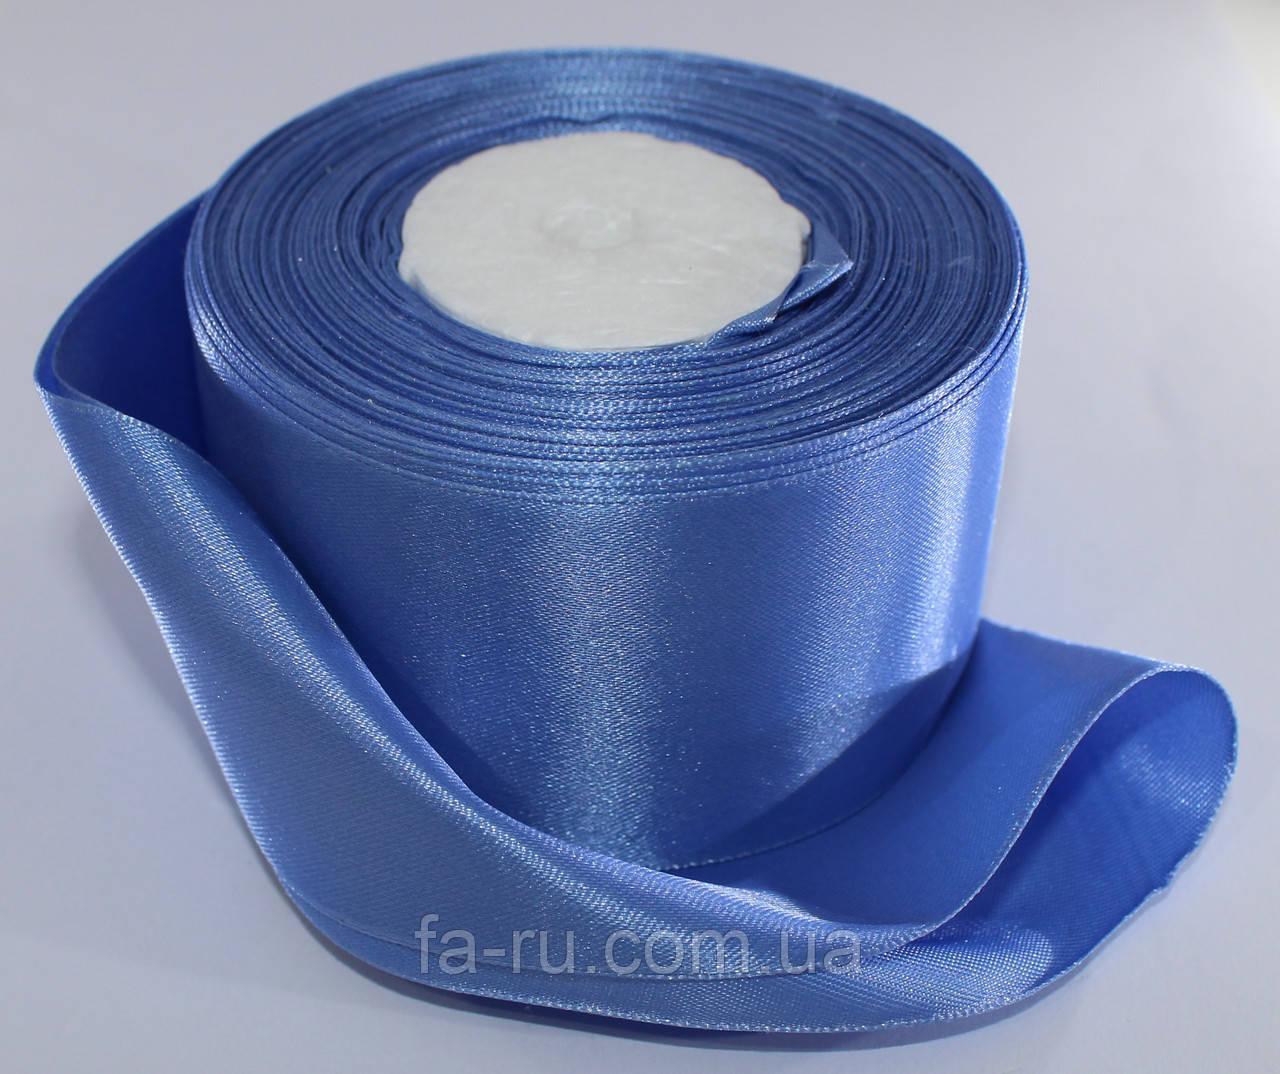 Лента атласная. Цвет - джинсовый. Ширина - 5 см, длина - 23 м